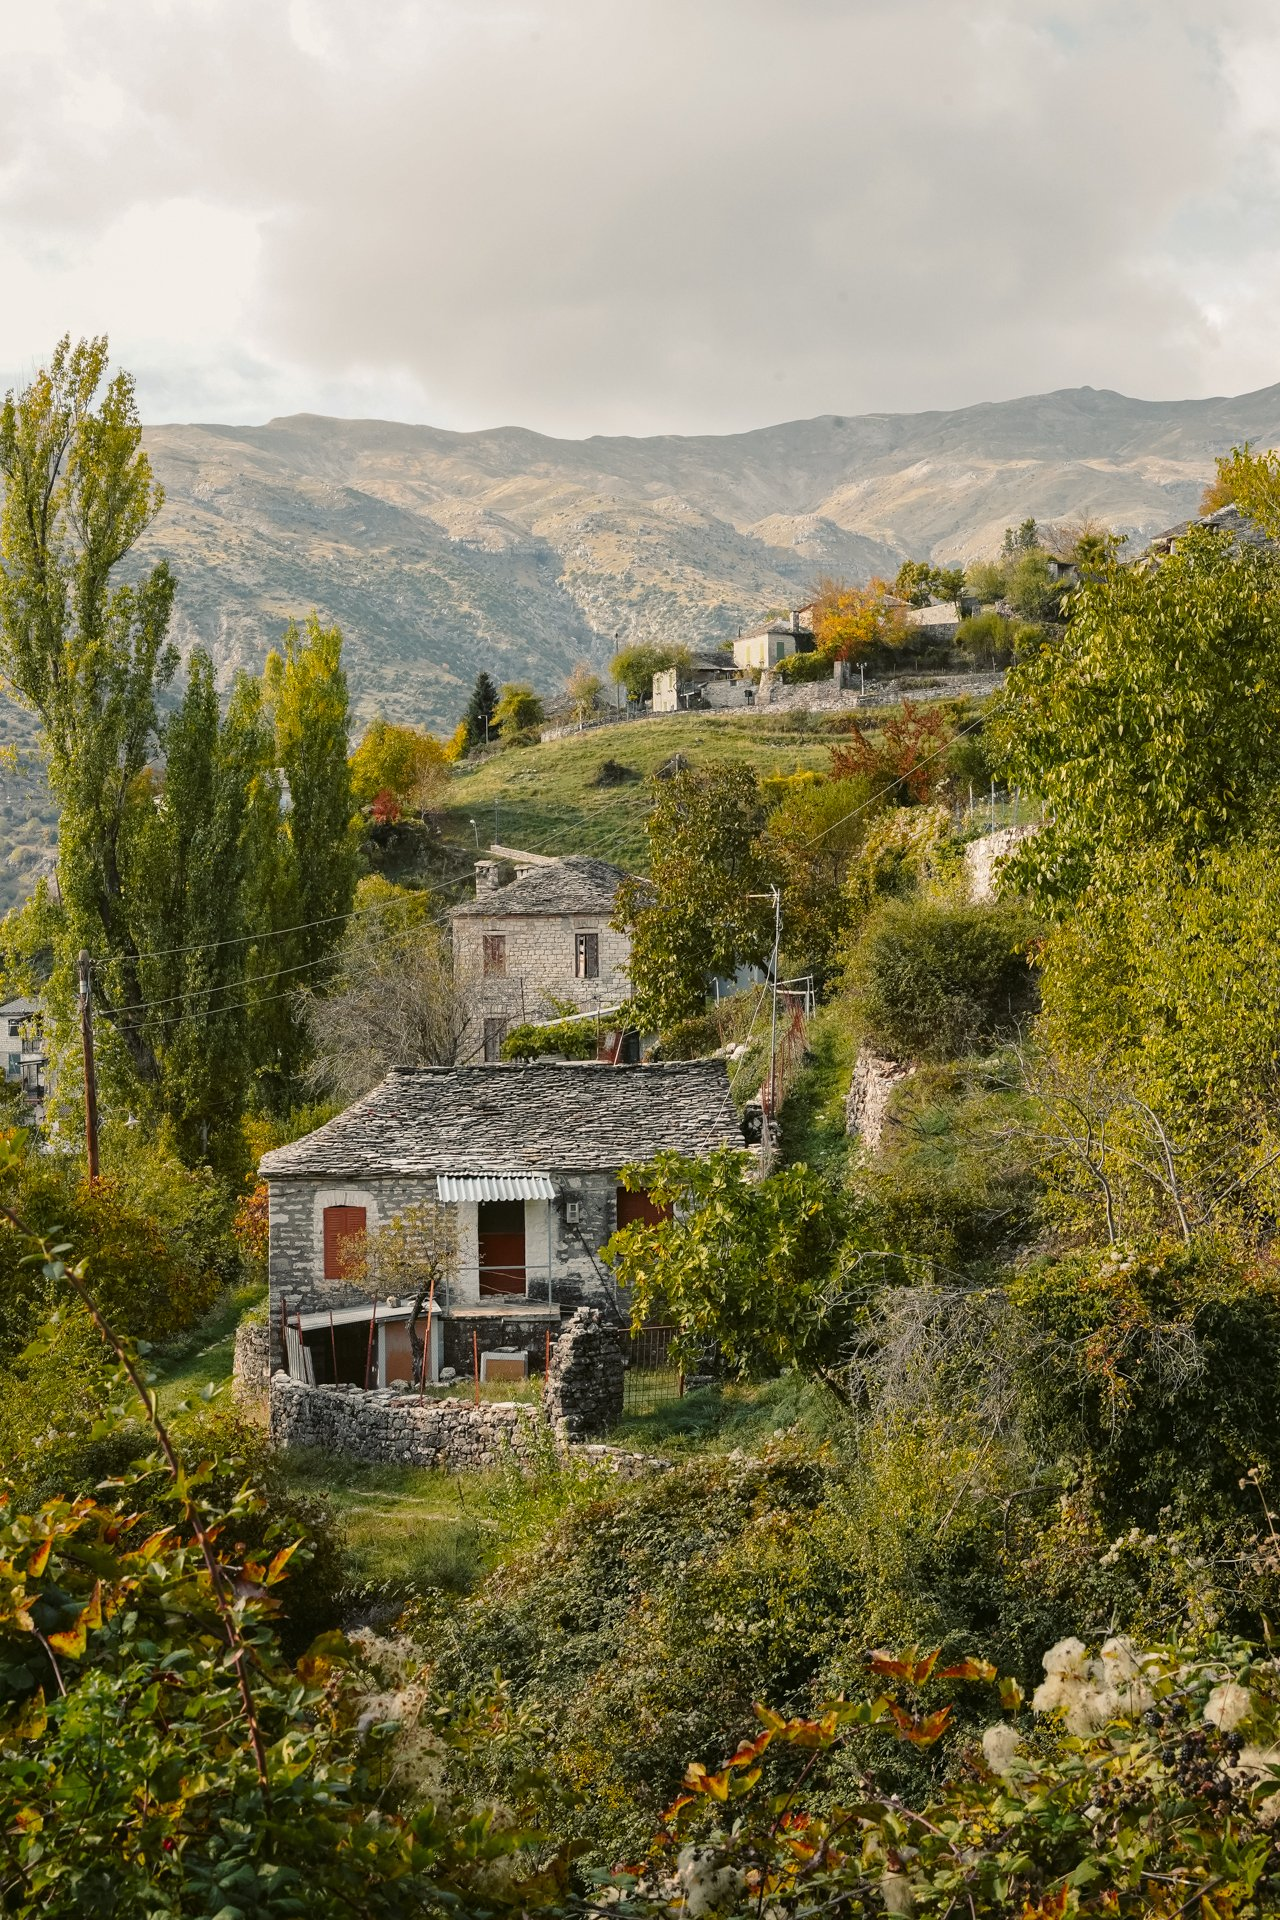 Kalarites village in Tzoumerka